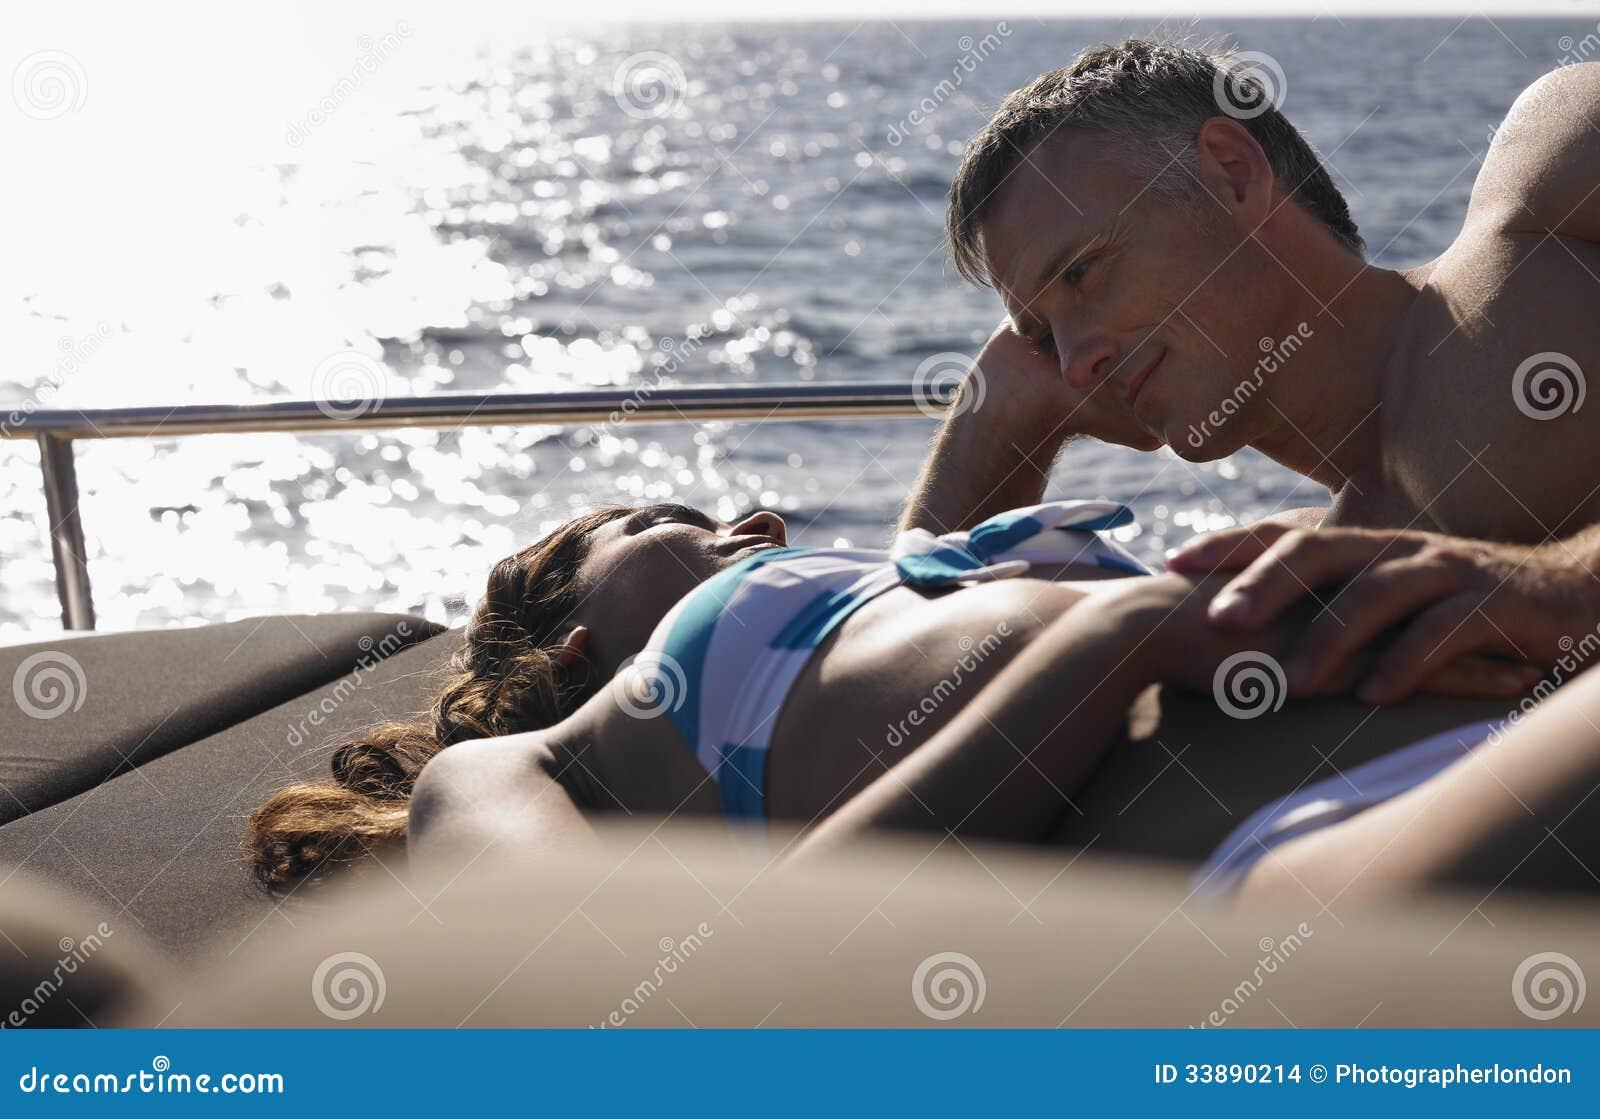 Couples sunbathing xxx pics 46